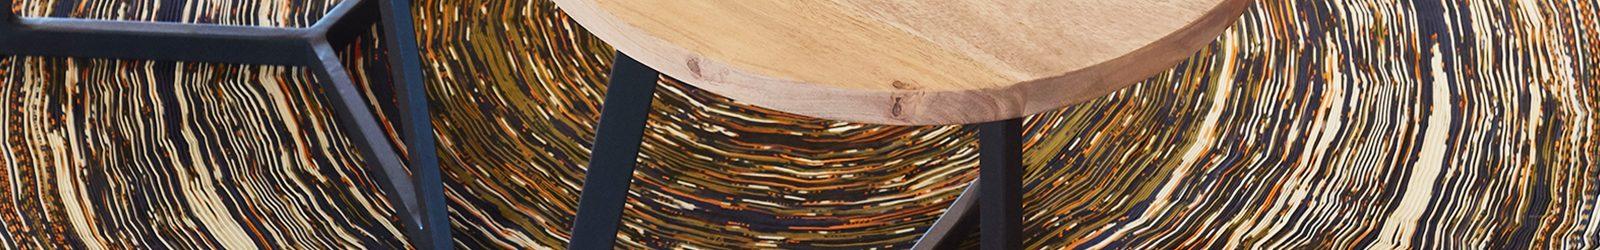 Circulaire inrichting Eosta door Logge_Circulair detail vloerkleed tafeltjes.jpg